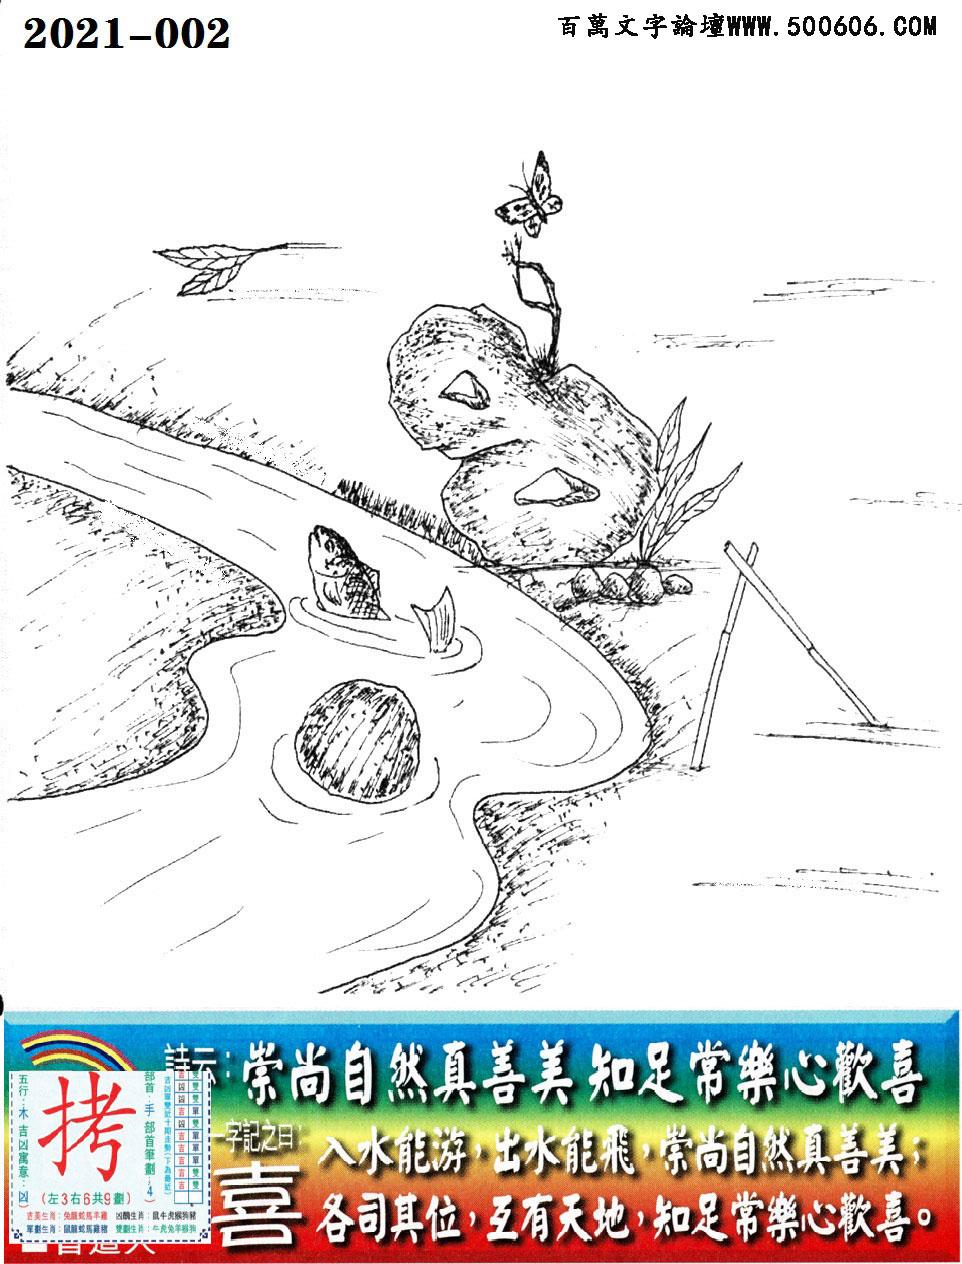 002期老版跑狗一字�之曰:【喜】_��:崇尚自然真善美,知足常�沸�g喜。